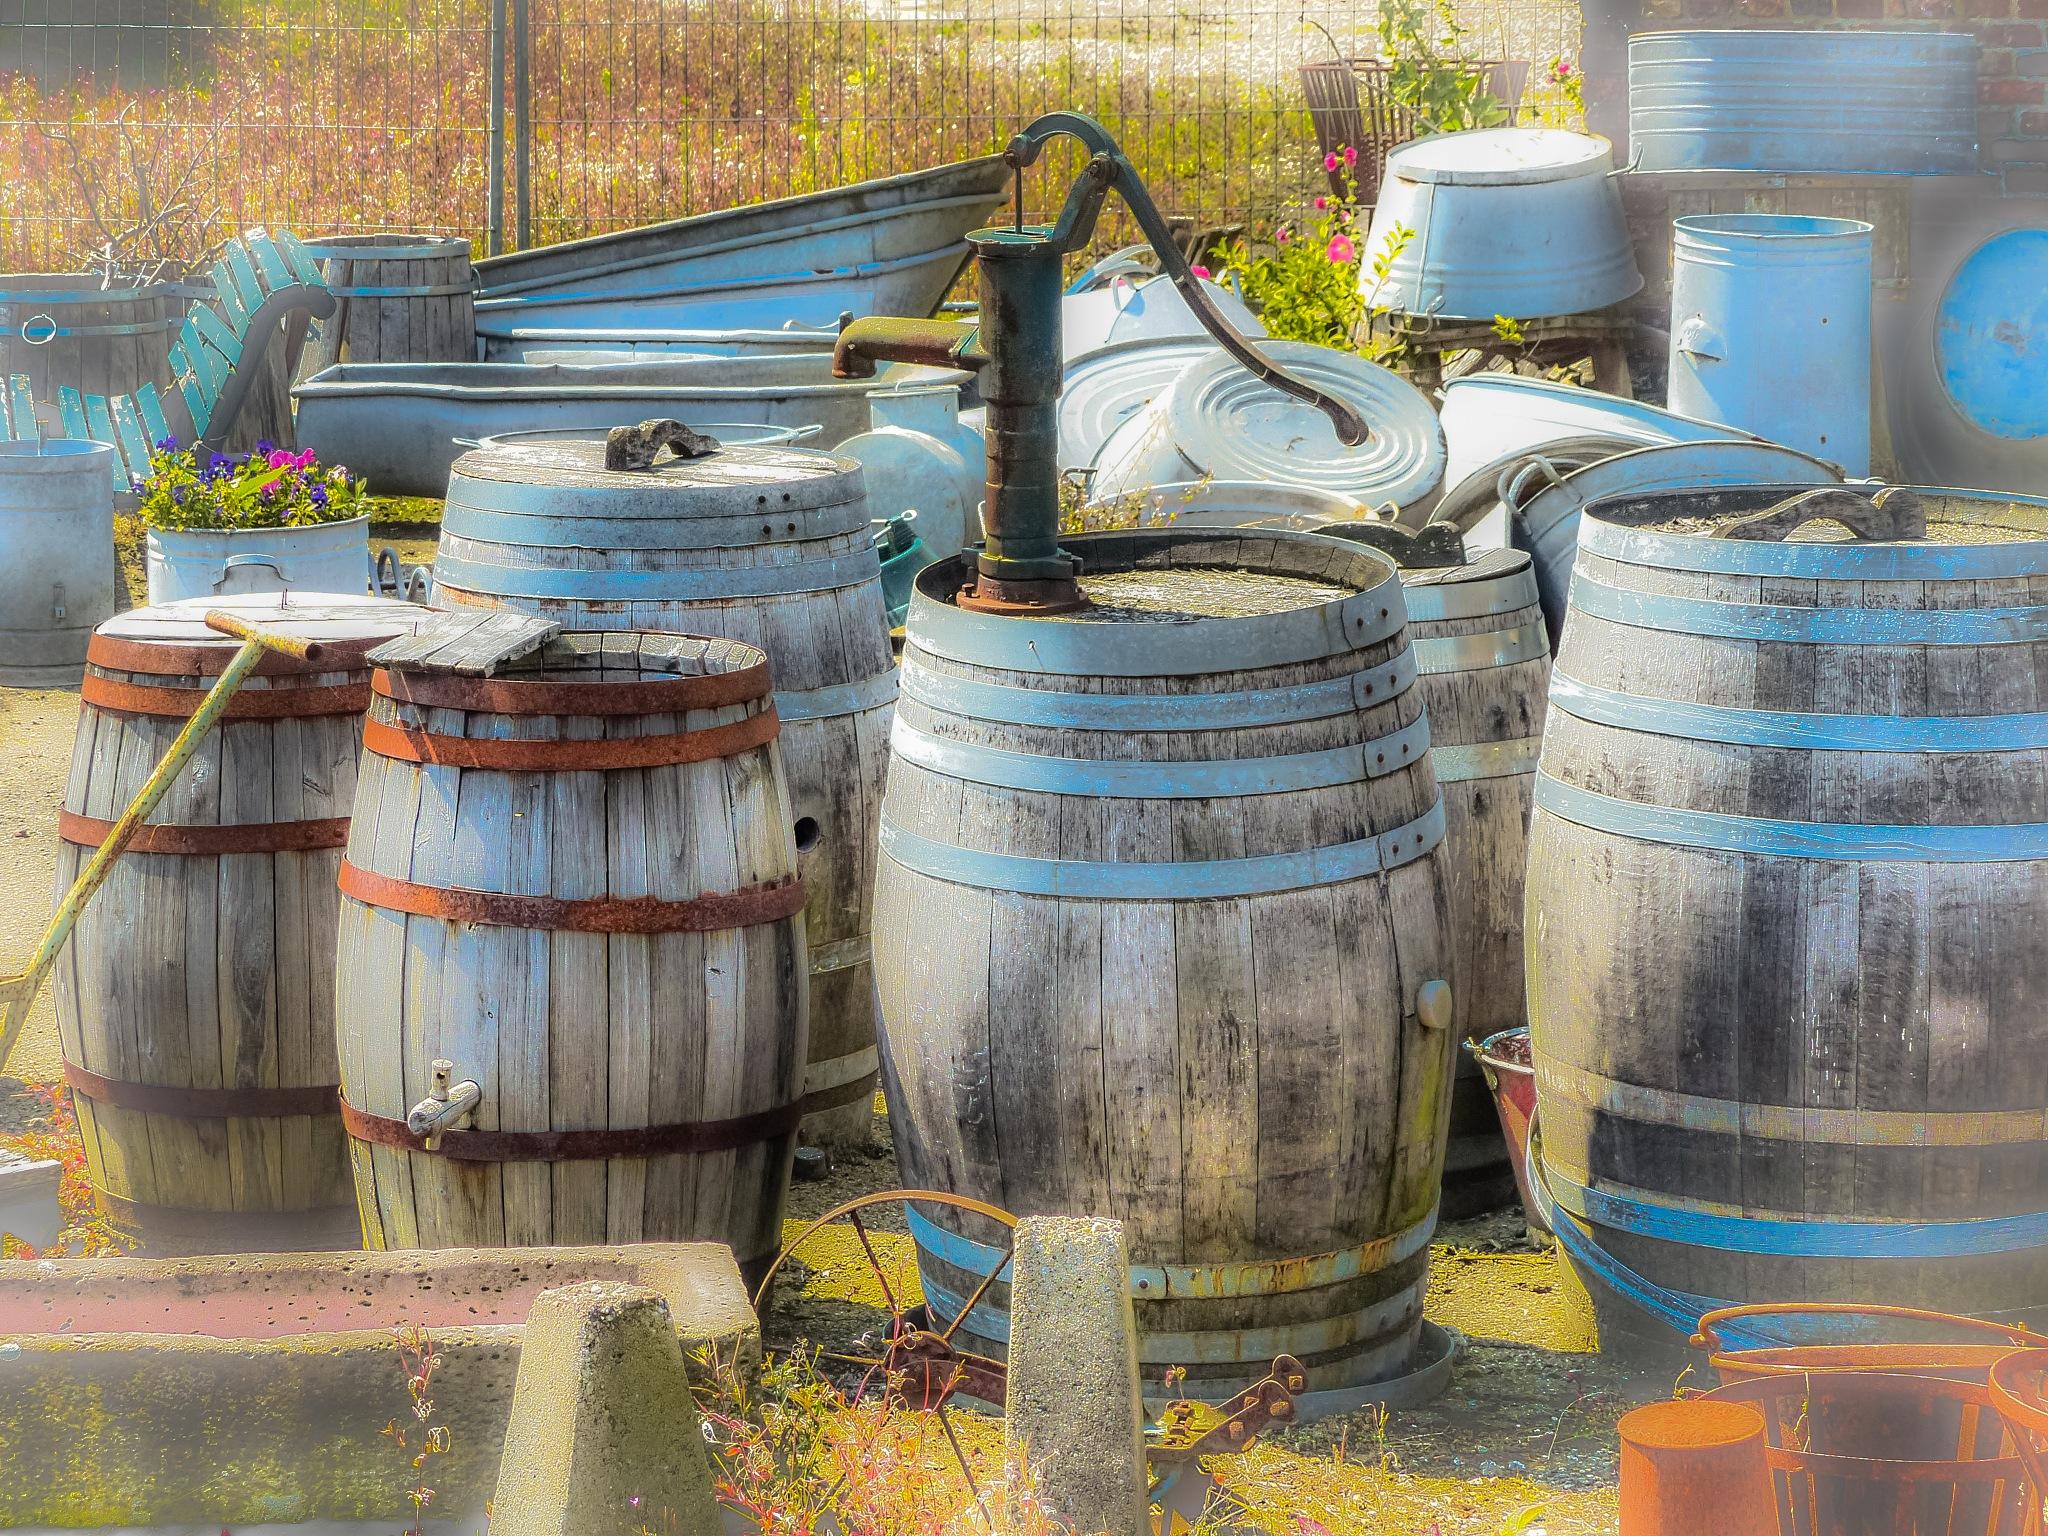 barrels by Paul Geutjes